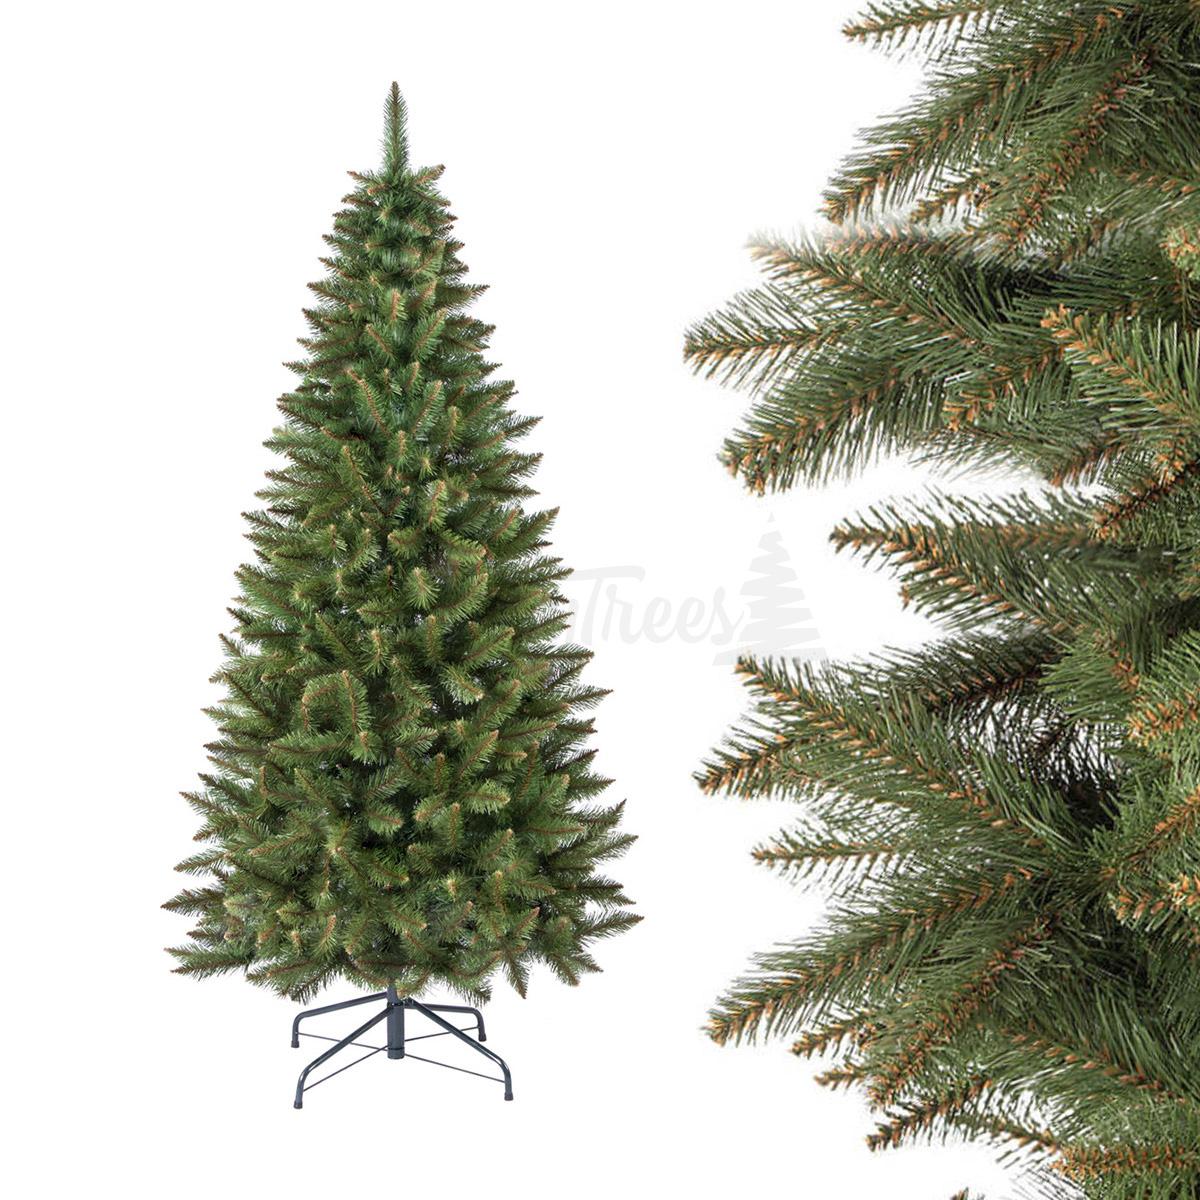 weihnachtsbaum christbaum tannenbaum led lichterkette. Black Bedroom Furniture Sets. Home Design Ideas